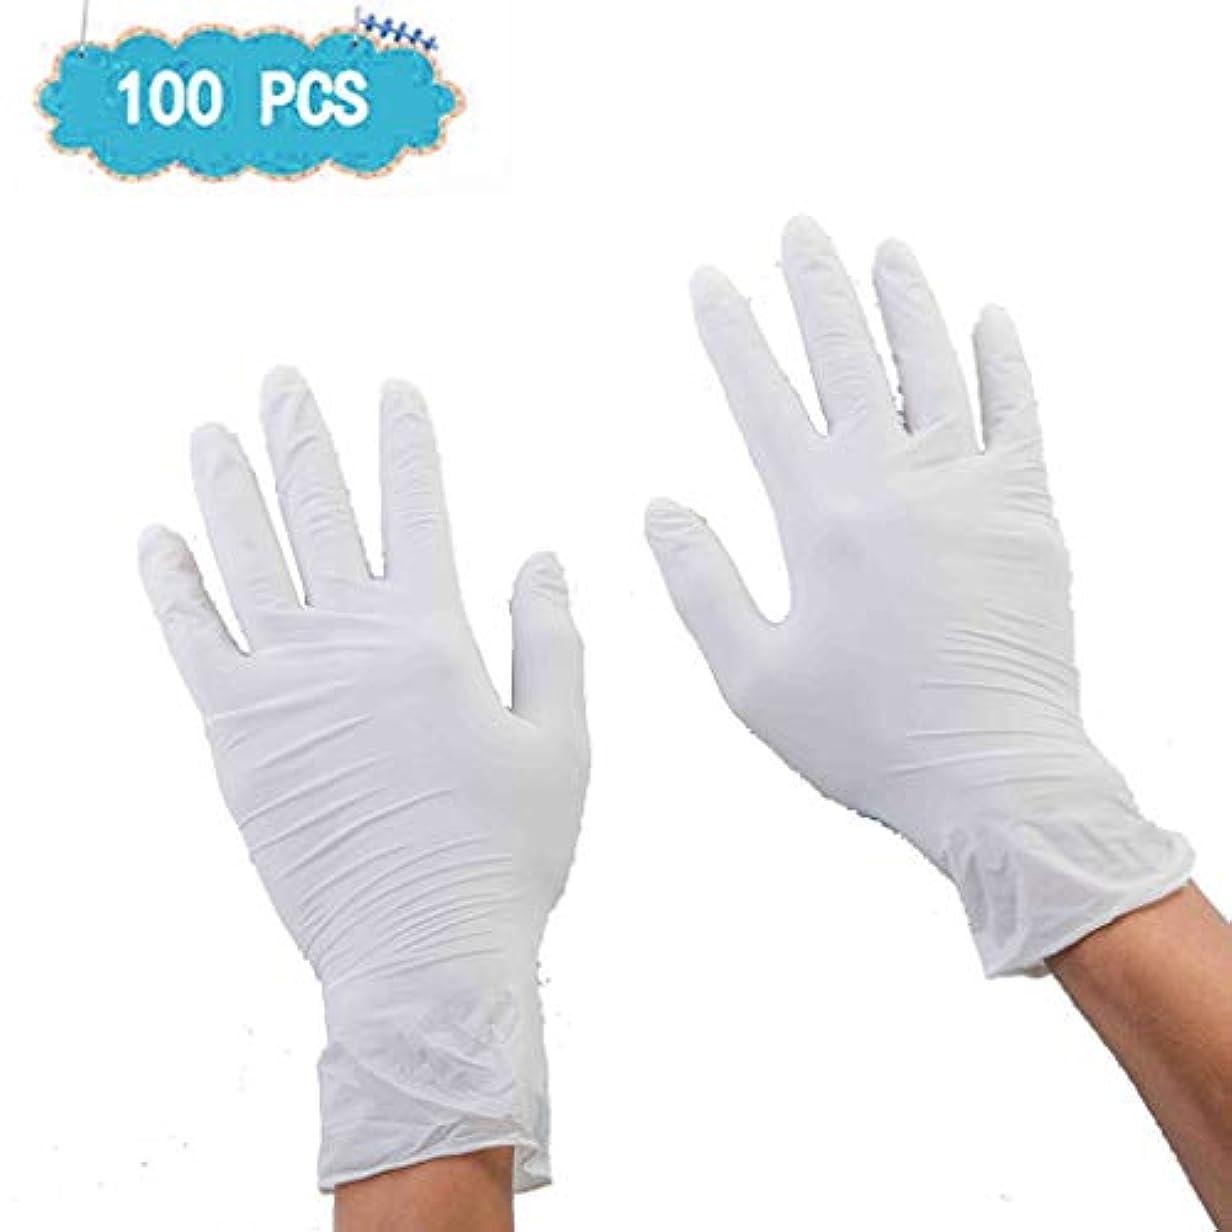 散歩騒乱プレーヤーニトリル手袋、12インチ厚ゴム手袋白い手袋食品加工医療ペットケアネイルアート検査保護実験、美容サロンラテックスフリー、、 100個 (Size : L)